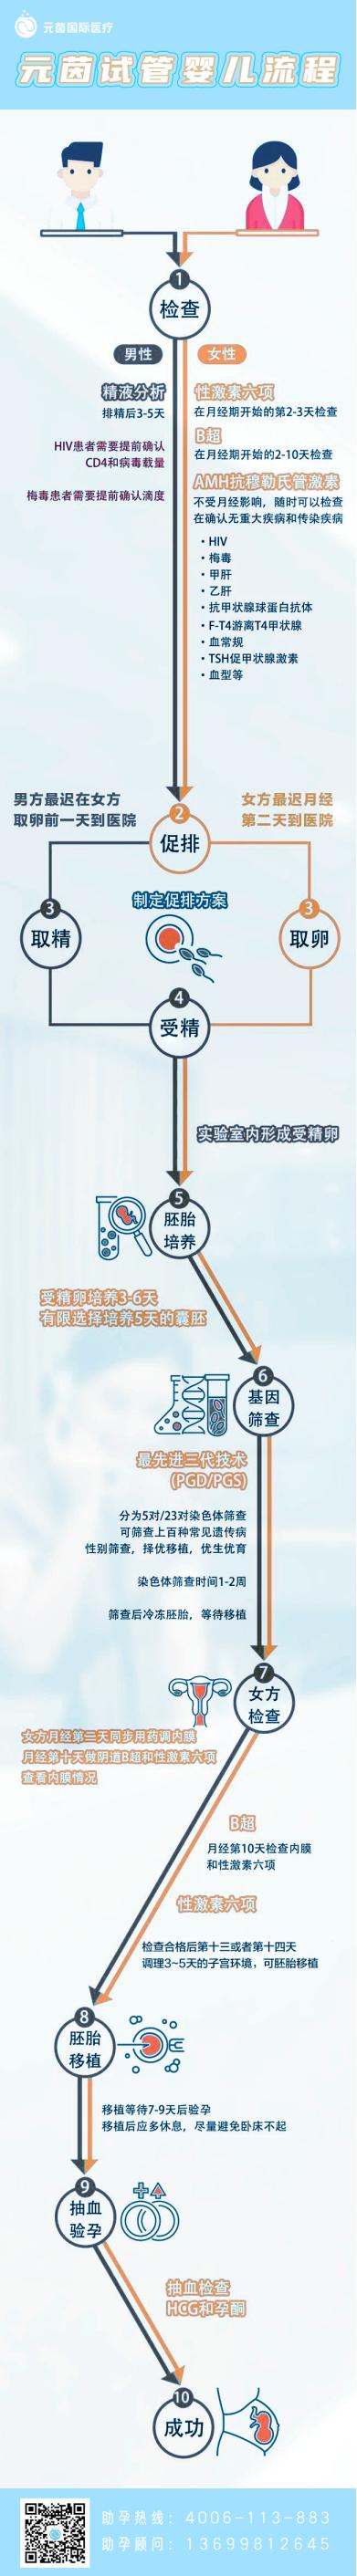 元茵国际第三代试管婴儿治疗流程